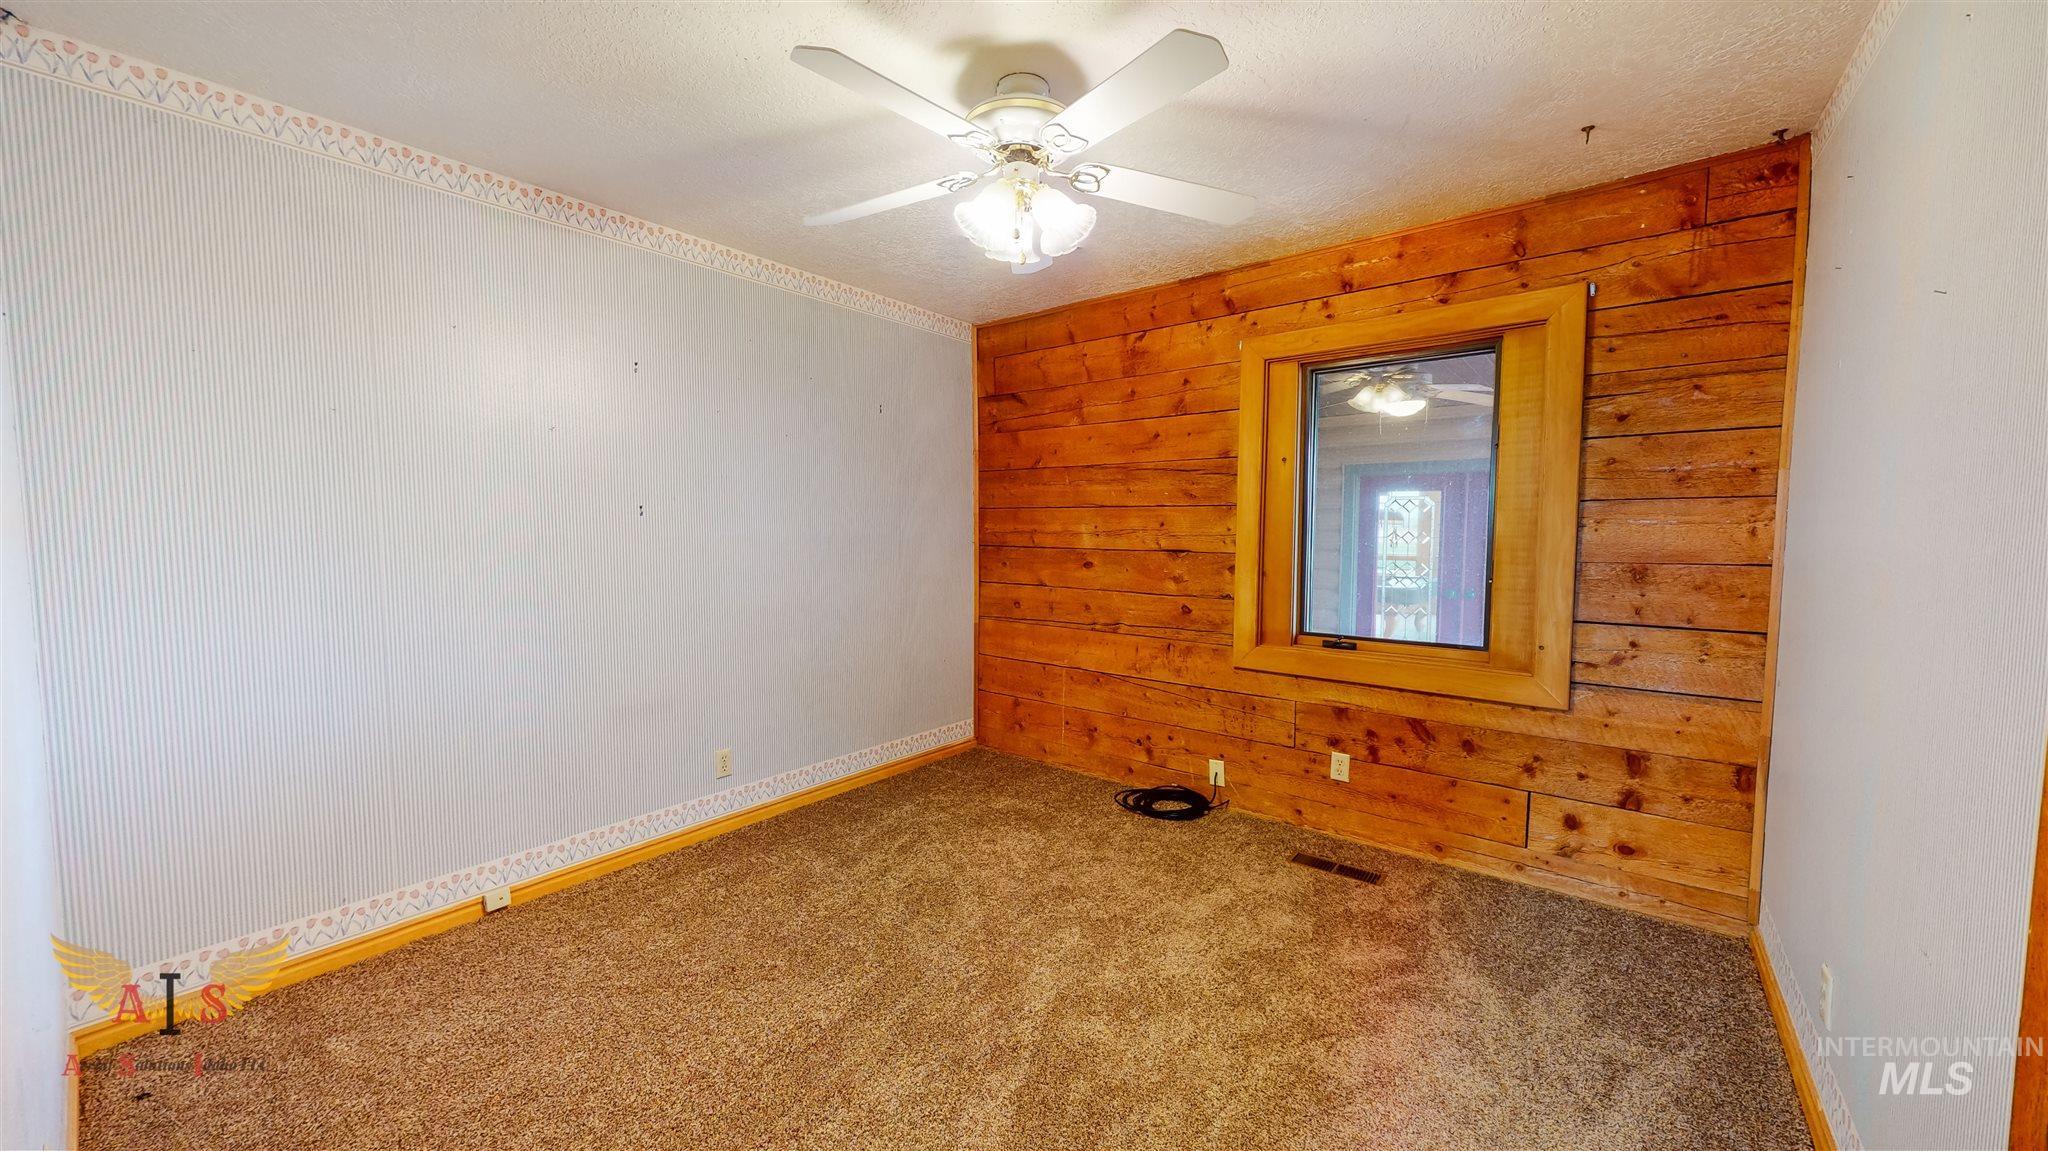 352 S 500 W Property Photo 15